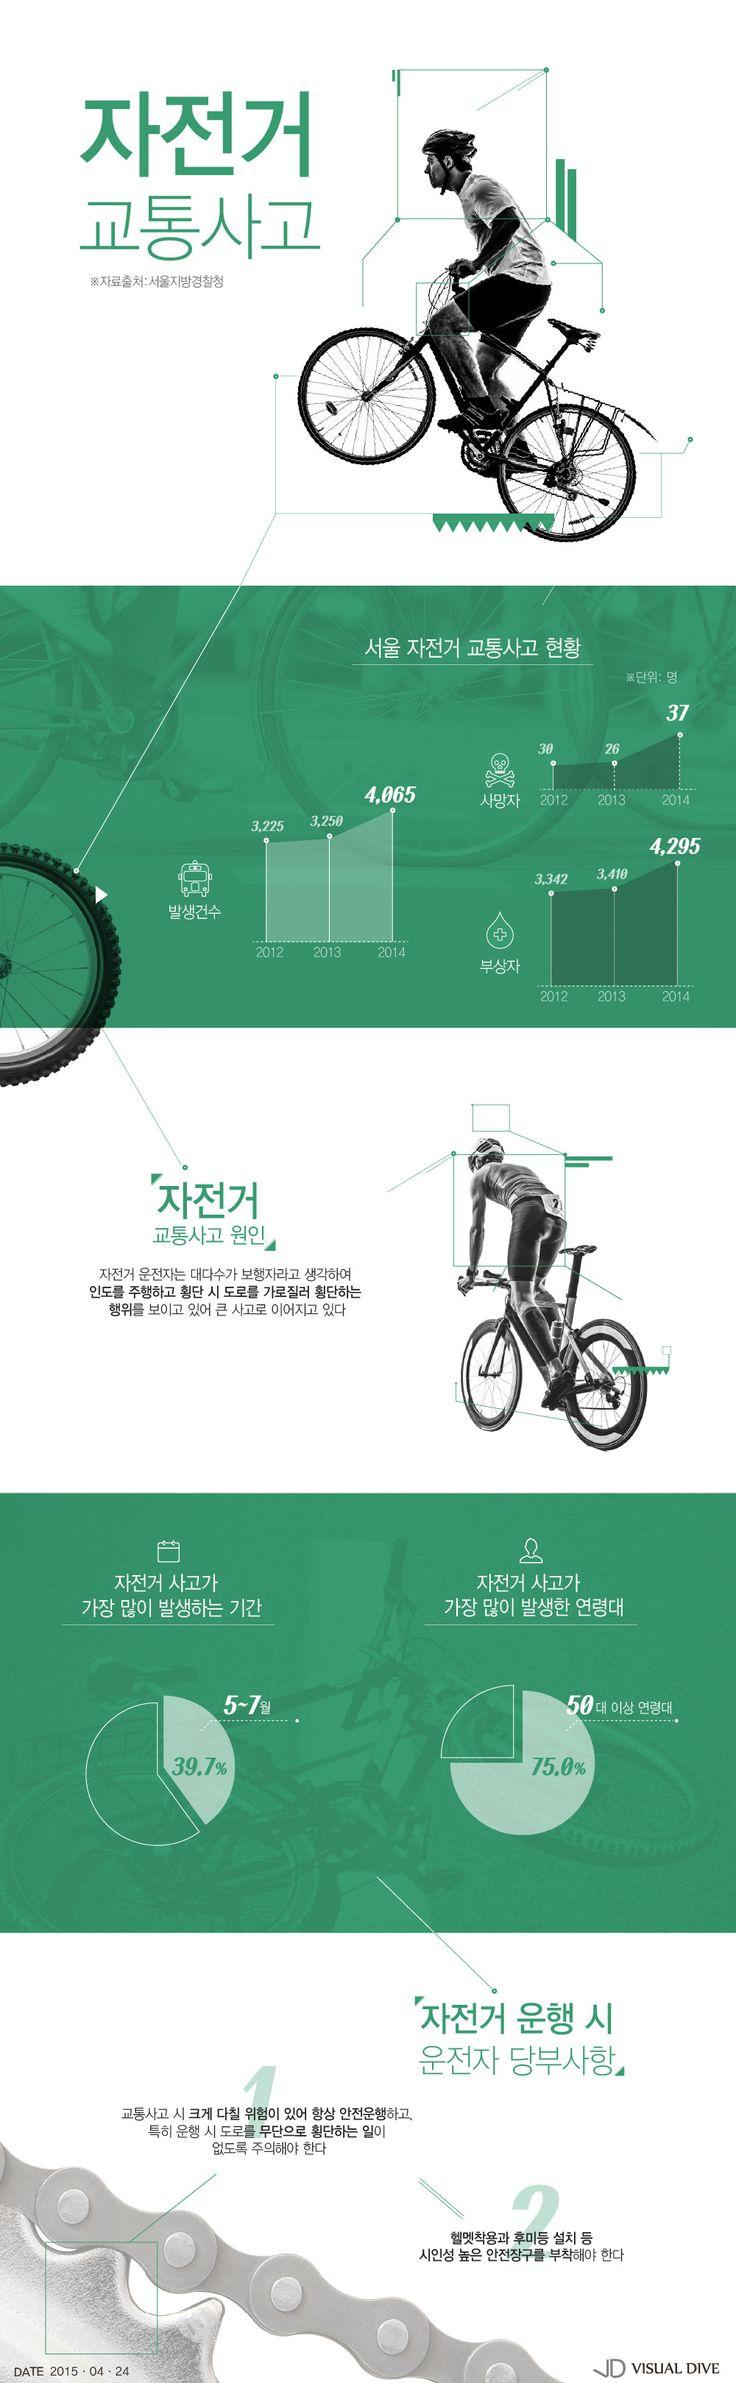 자전거 사고, 매년 늘어 작년 한 해만 37명 사망…5월~7월 가장 많아 [인포그래픽] #Bicycle / #Infographic ⓒ…